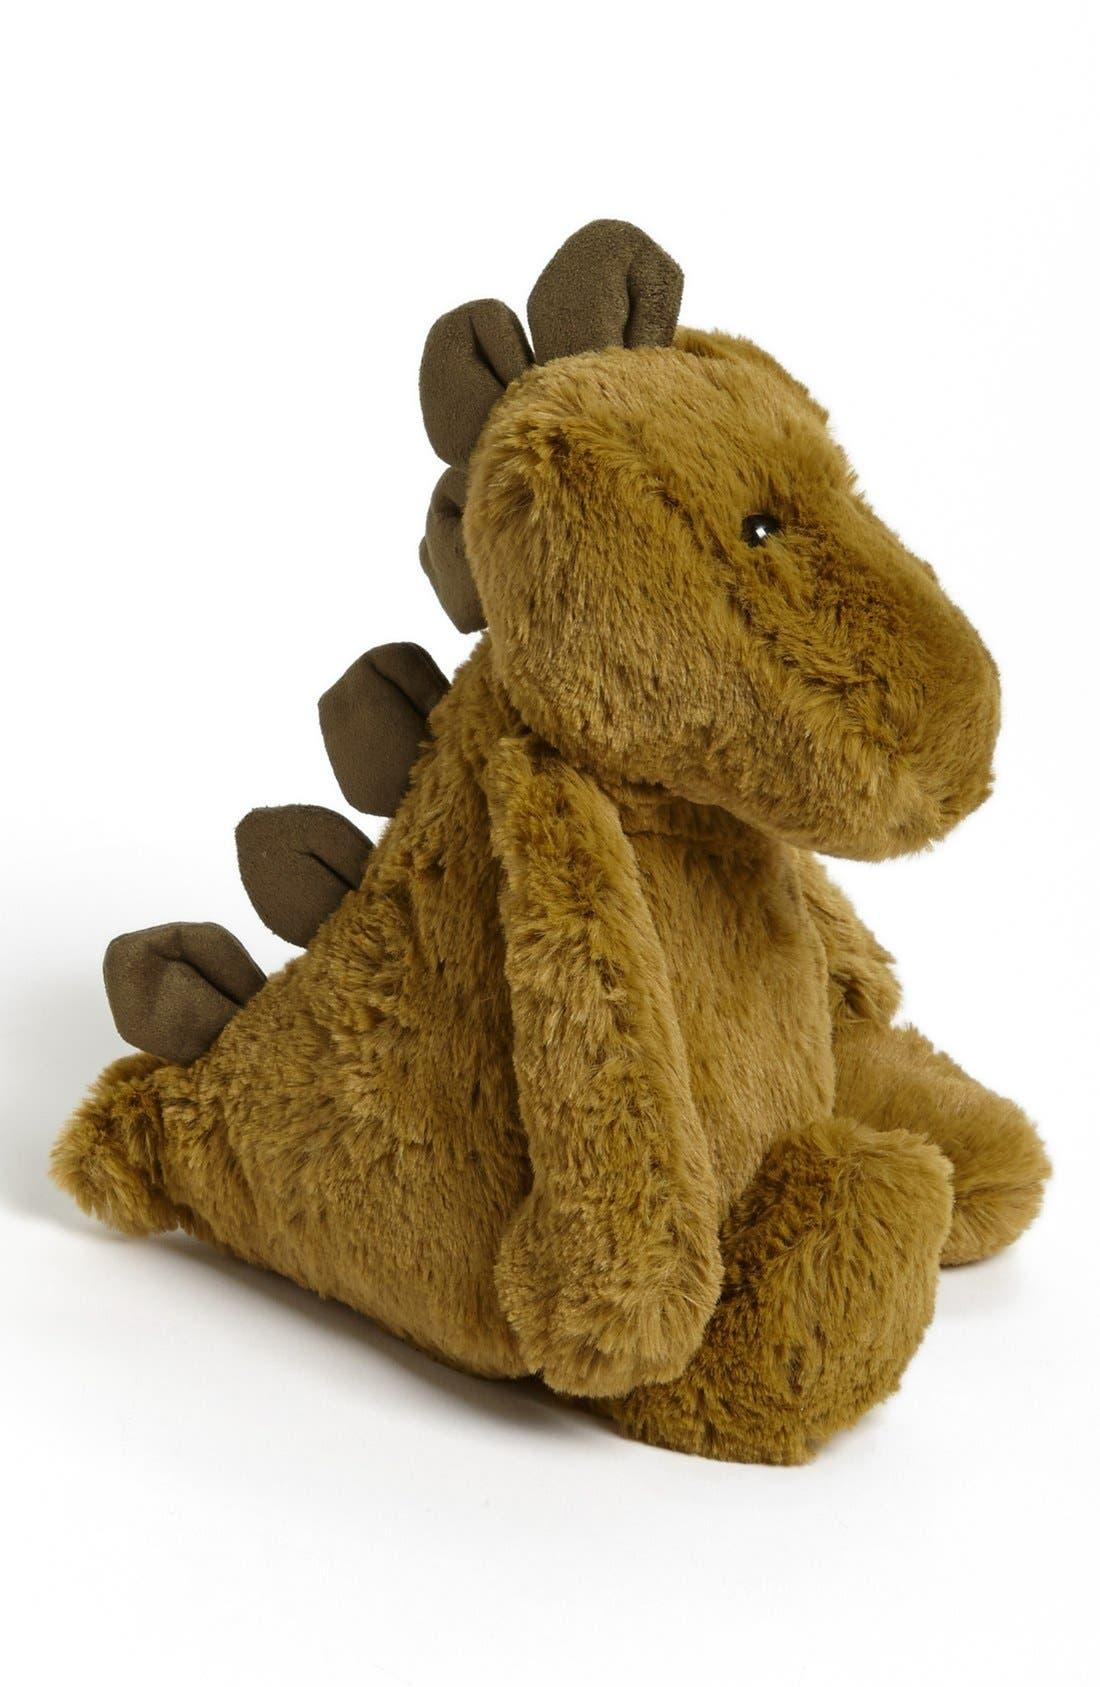 Main Image - Jellycat 'Bashful Dino' Stuffed Animal